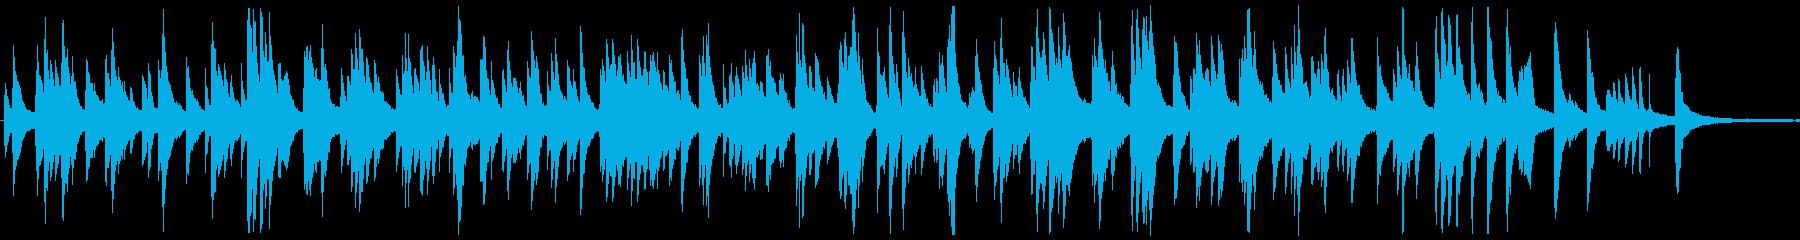 しっとりとしたジャズ風ラウンジピアノソロの再生済みの波形